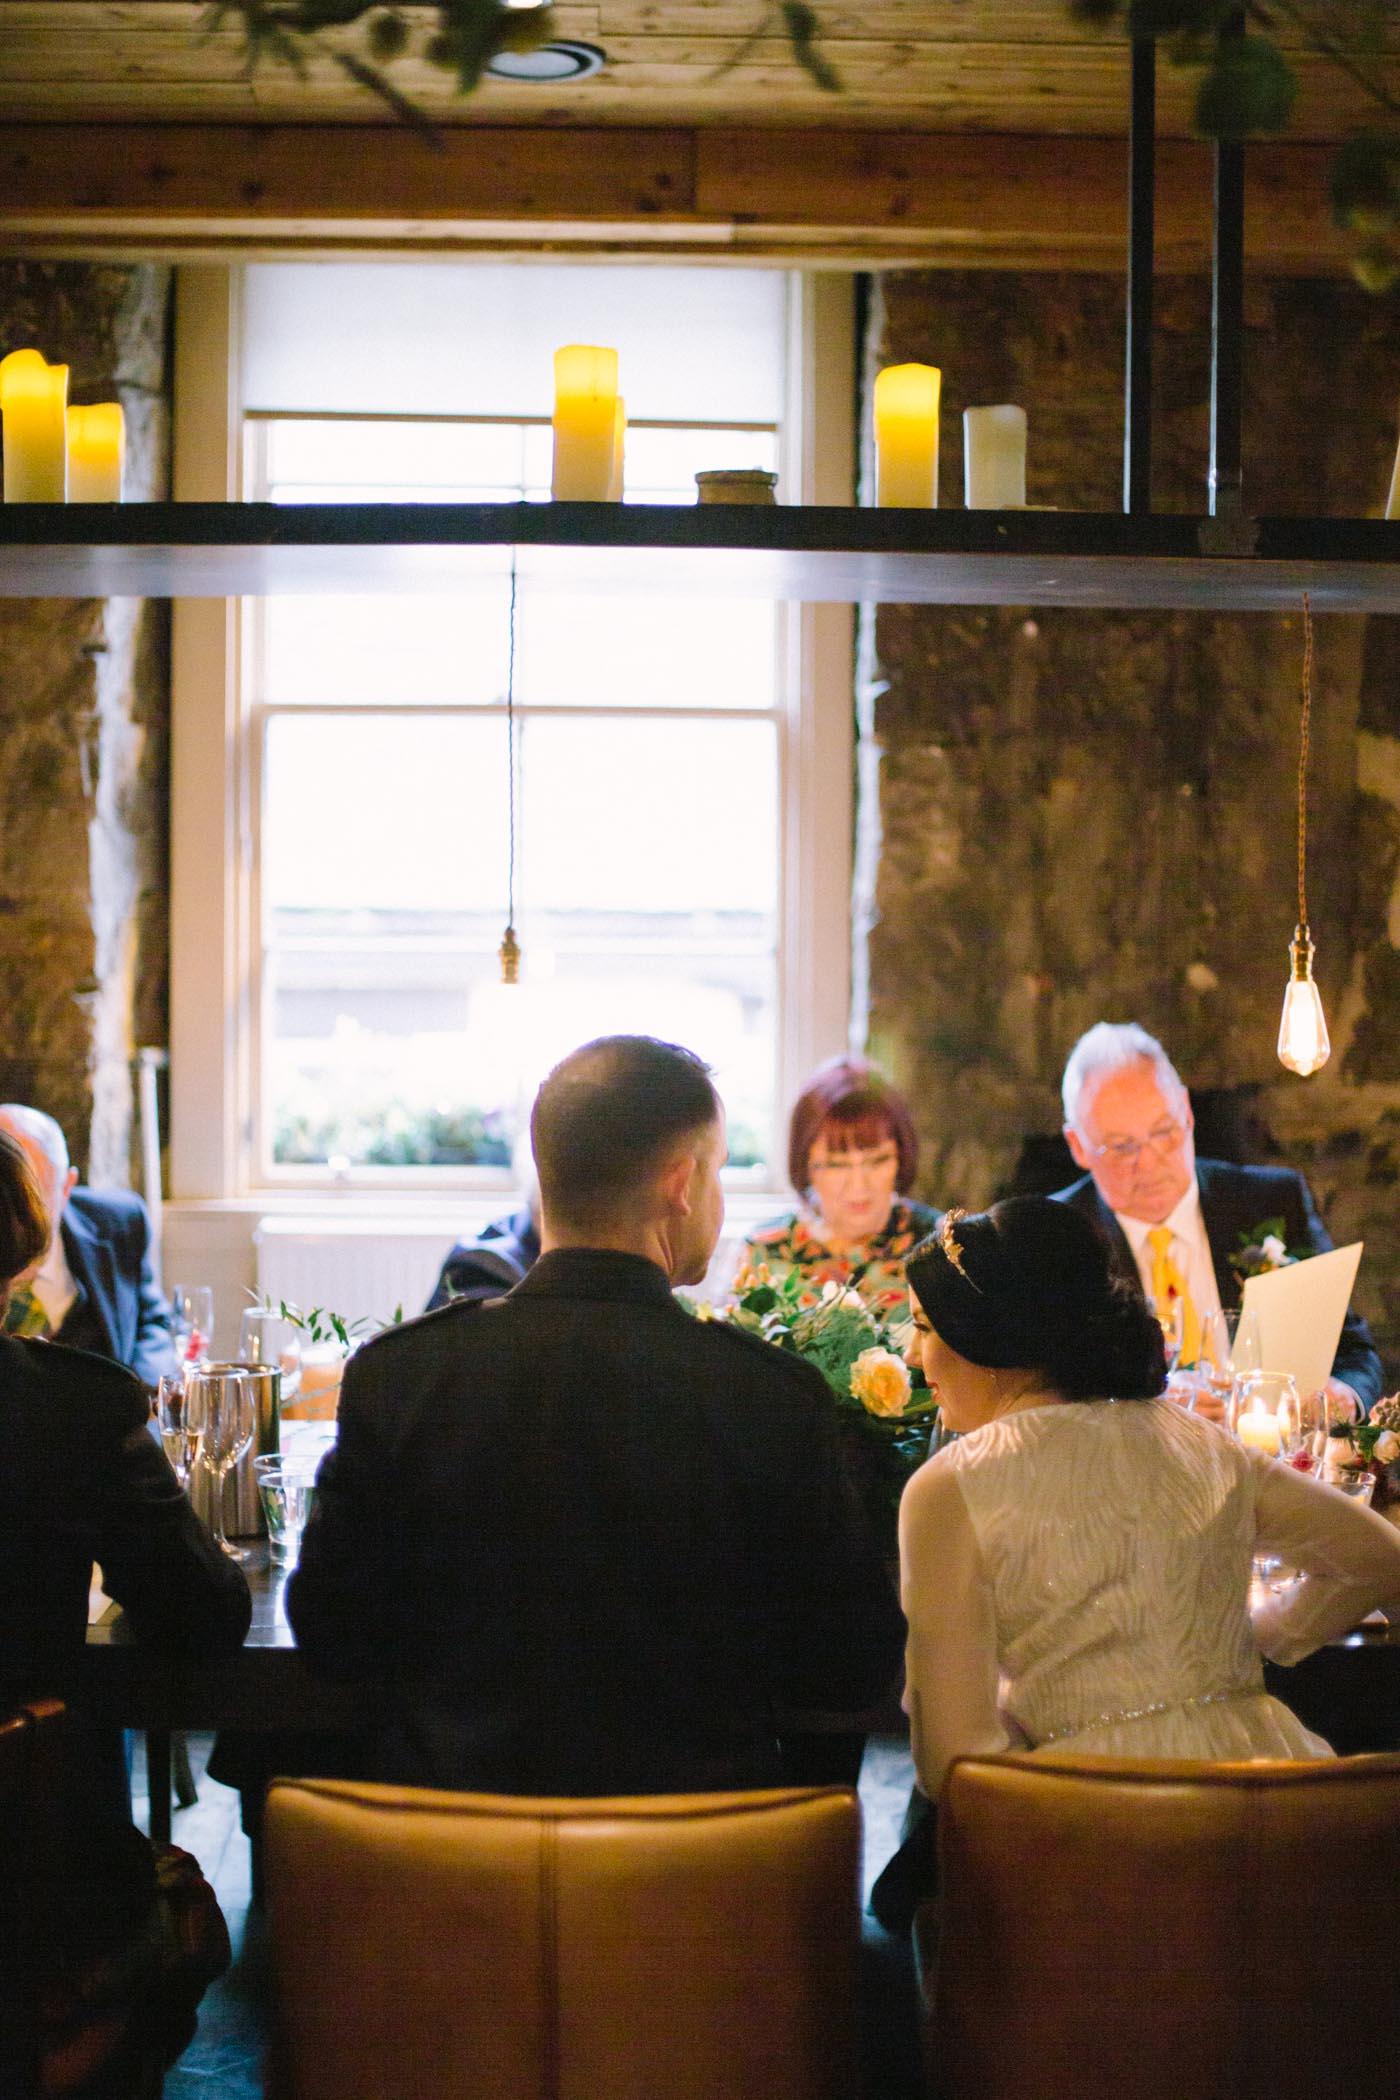 Bothy Glasgow Intimate Wedding Reception Photography | Scottish Wedding Photographer